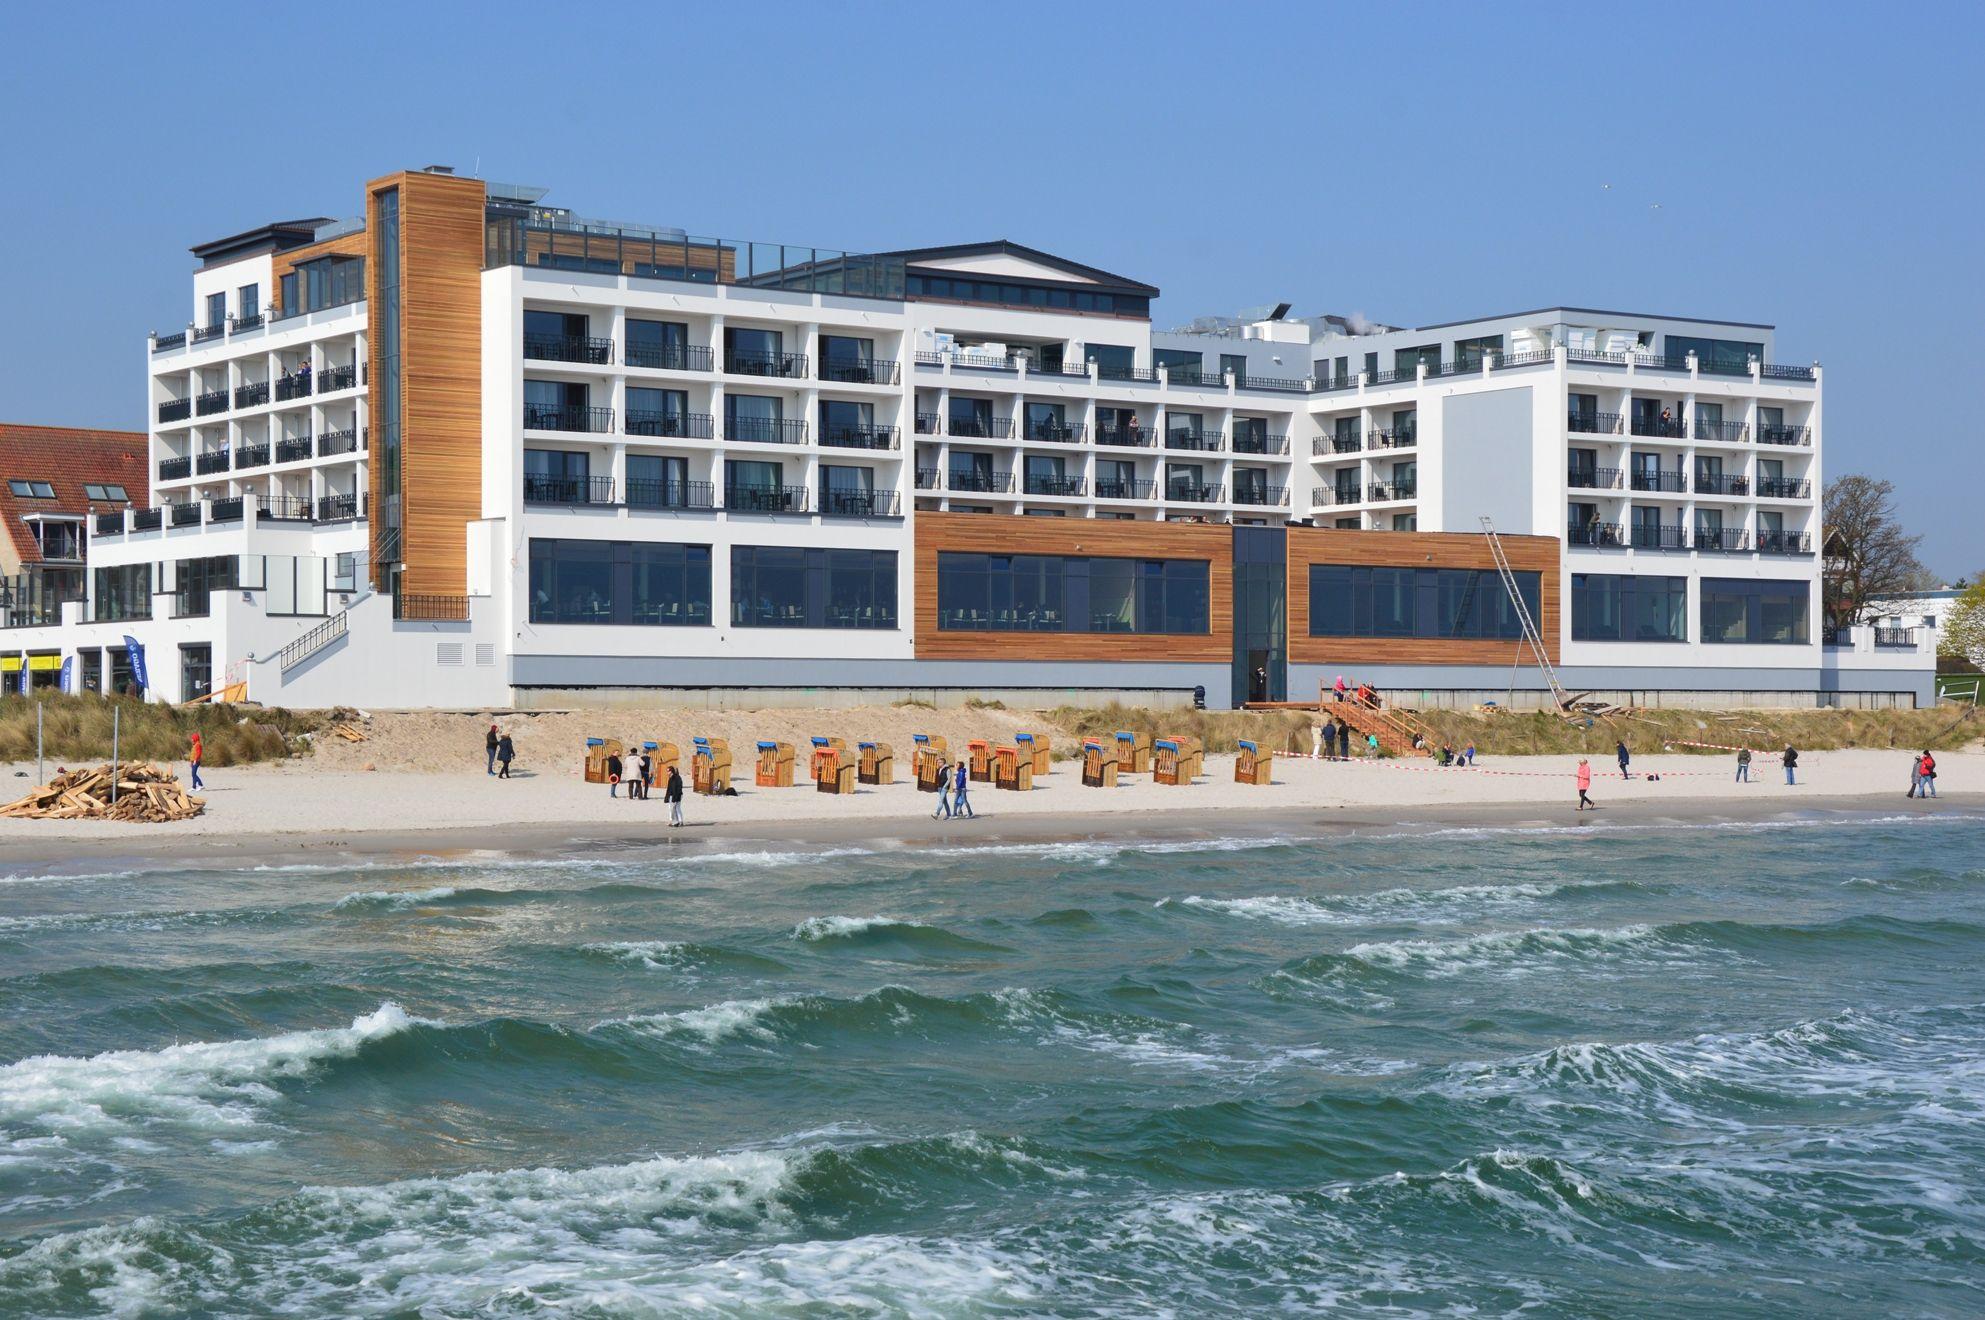 bayside hotel scharbeutz ostsee travel hotels. Black Bedroom Furniture Sets. Home Design Ideas